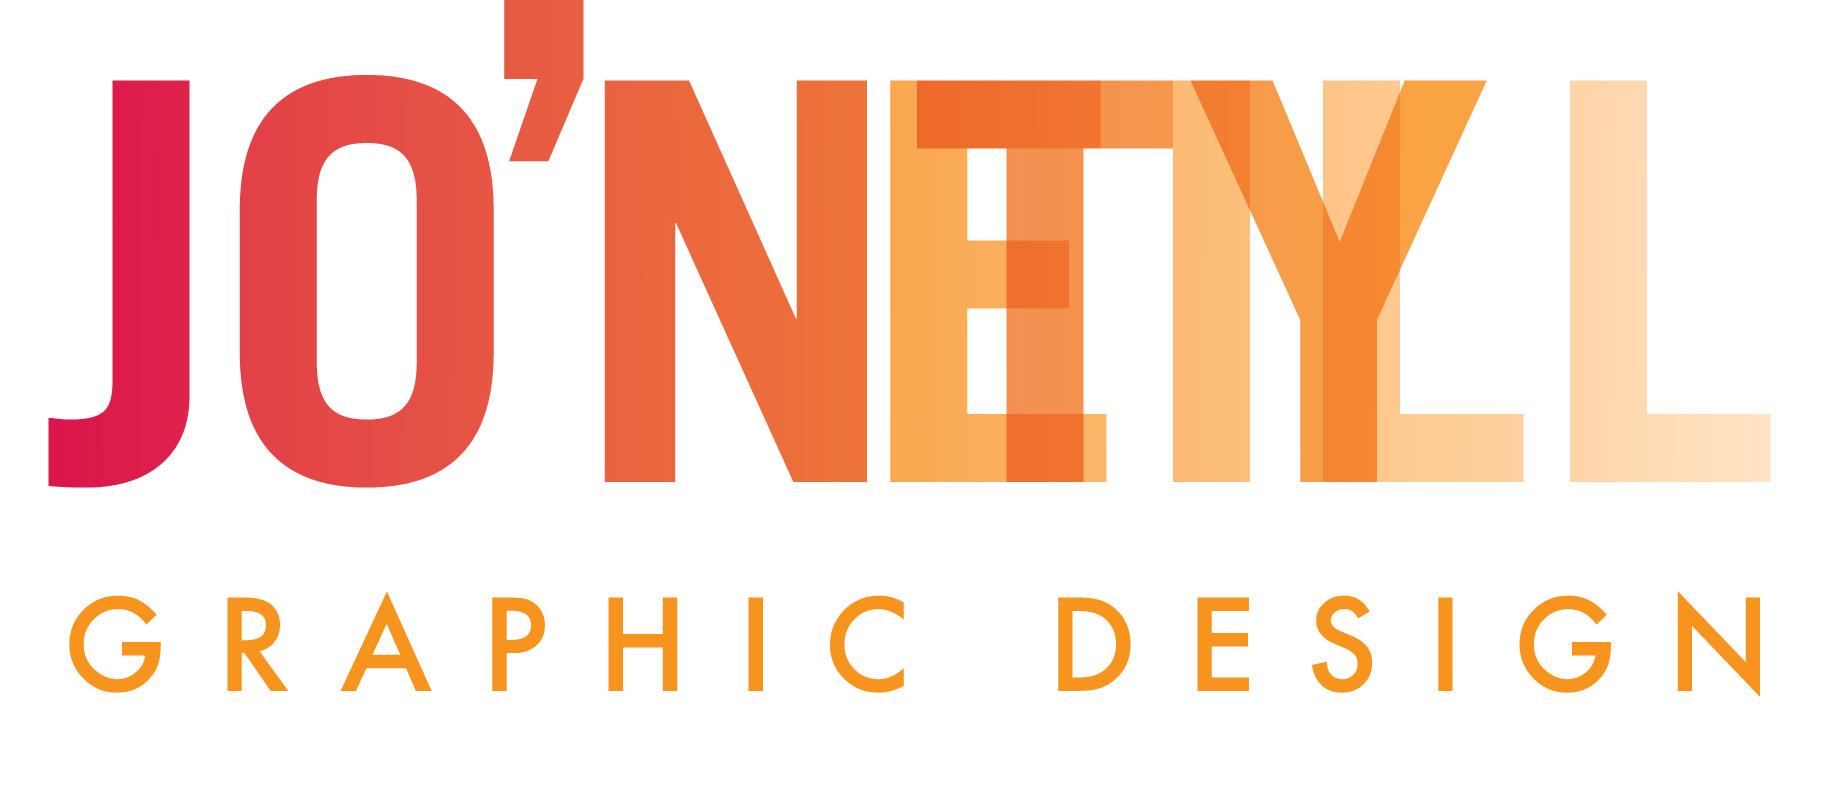 Jonty Design